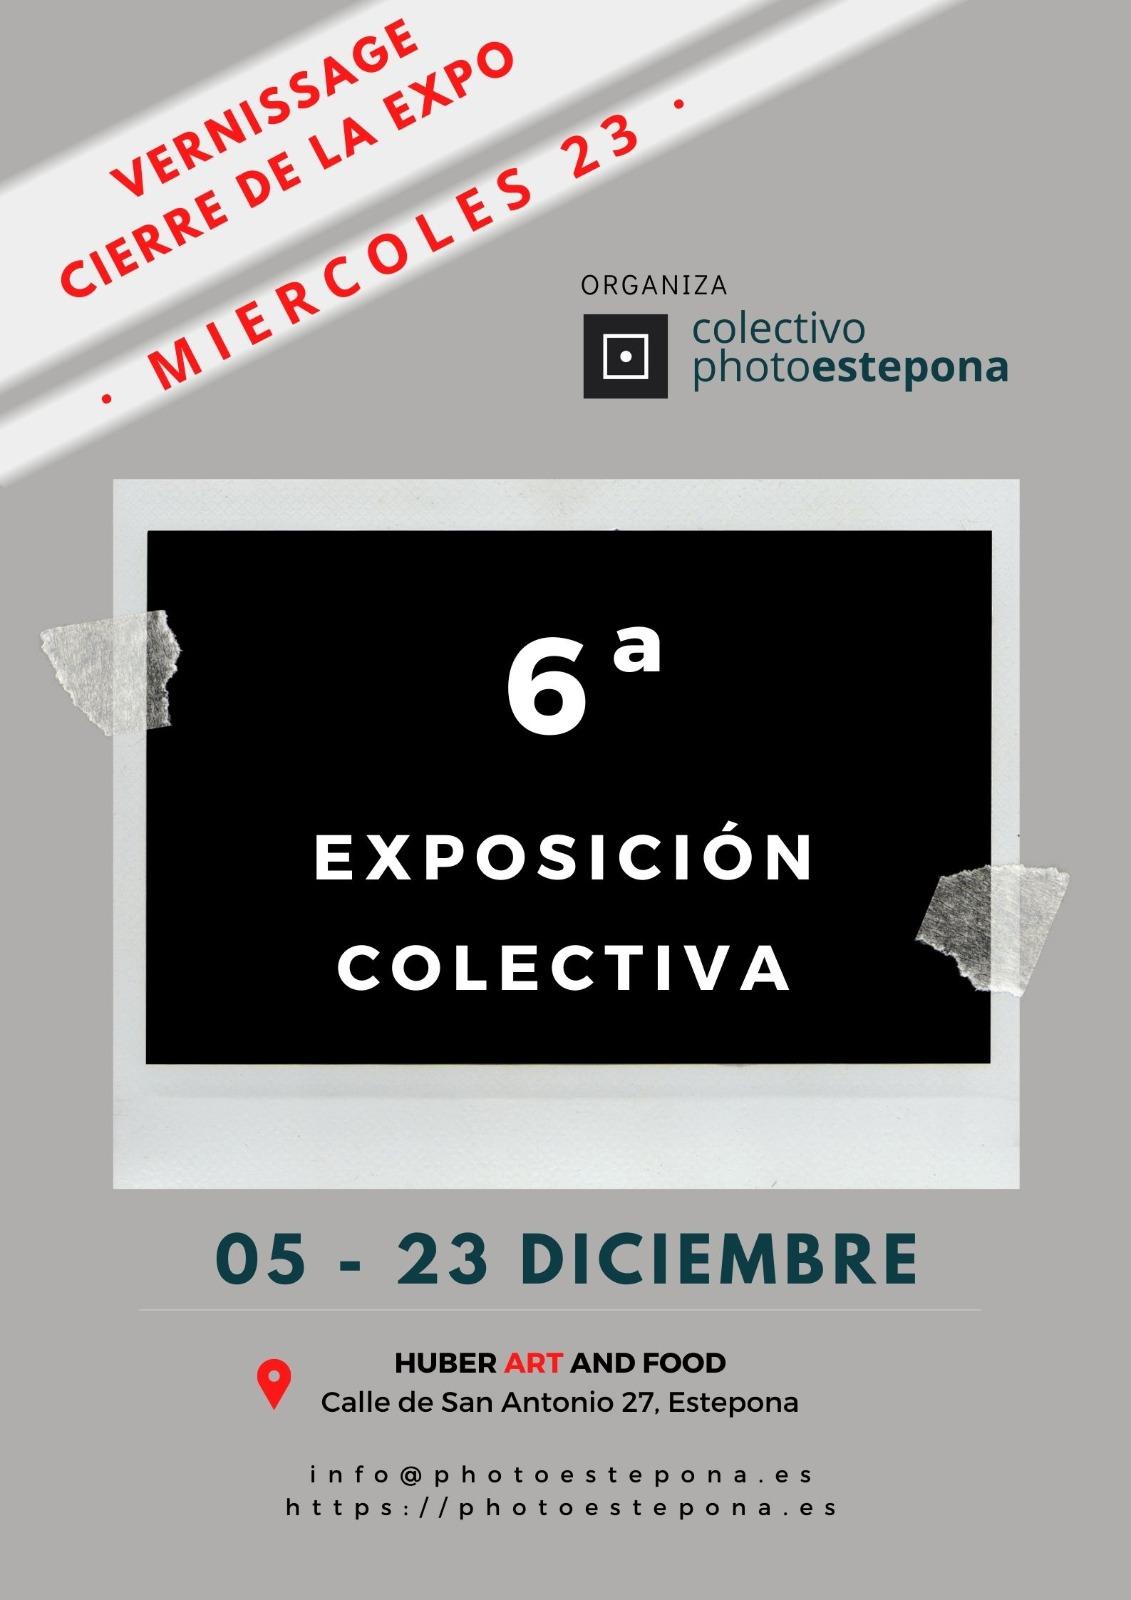 Cierre de la 6 Exposición Colectivo Photoestepona